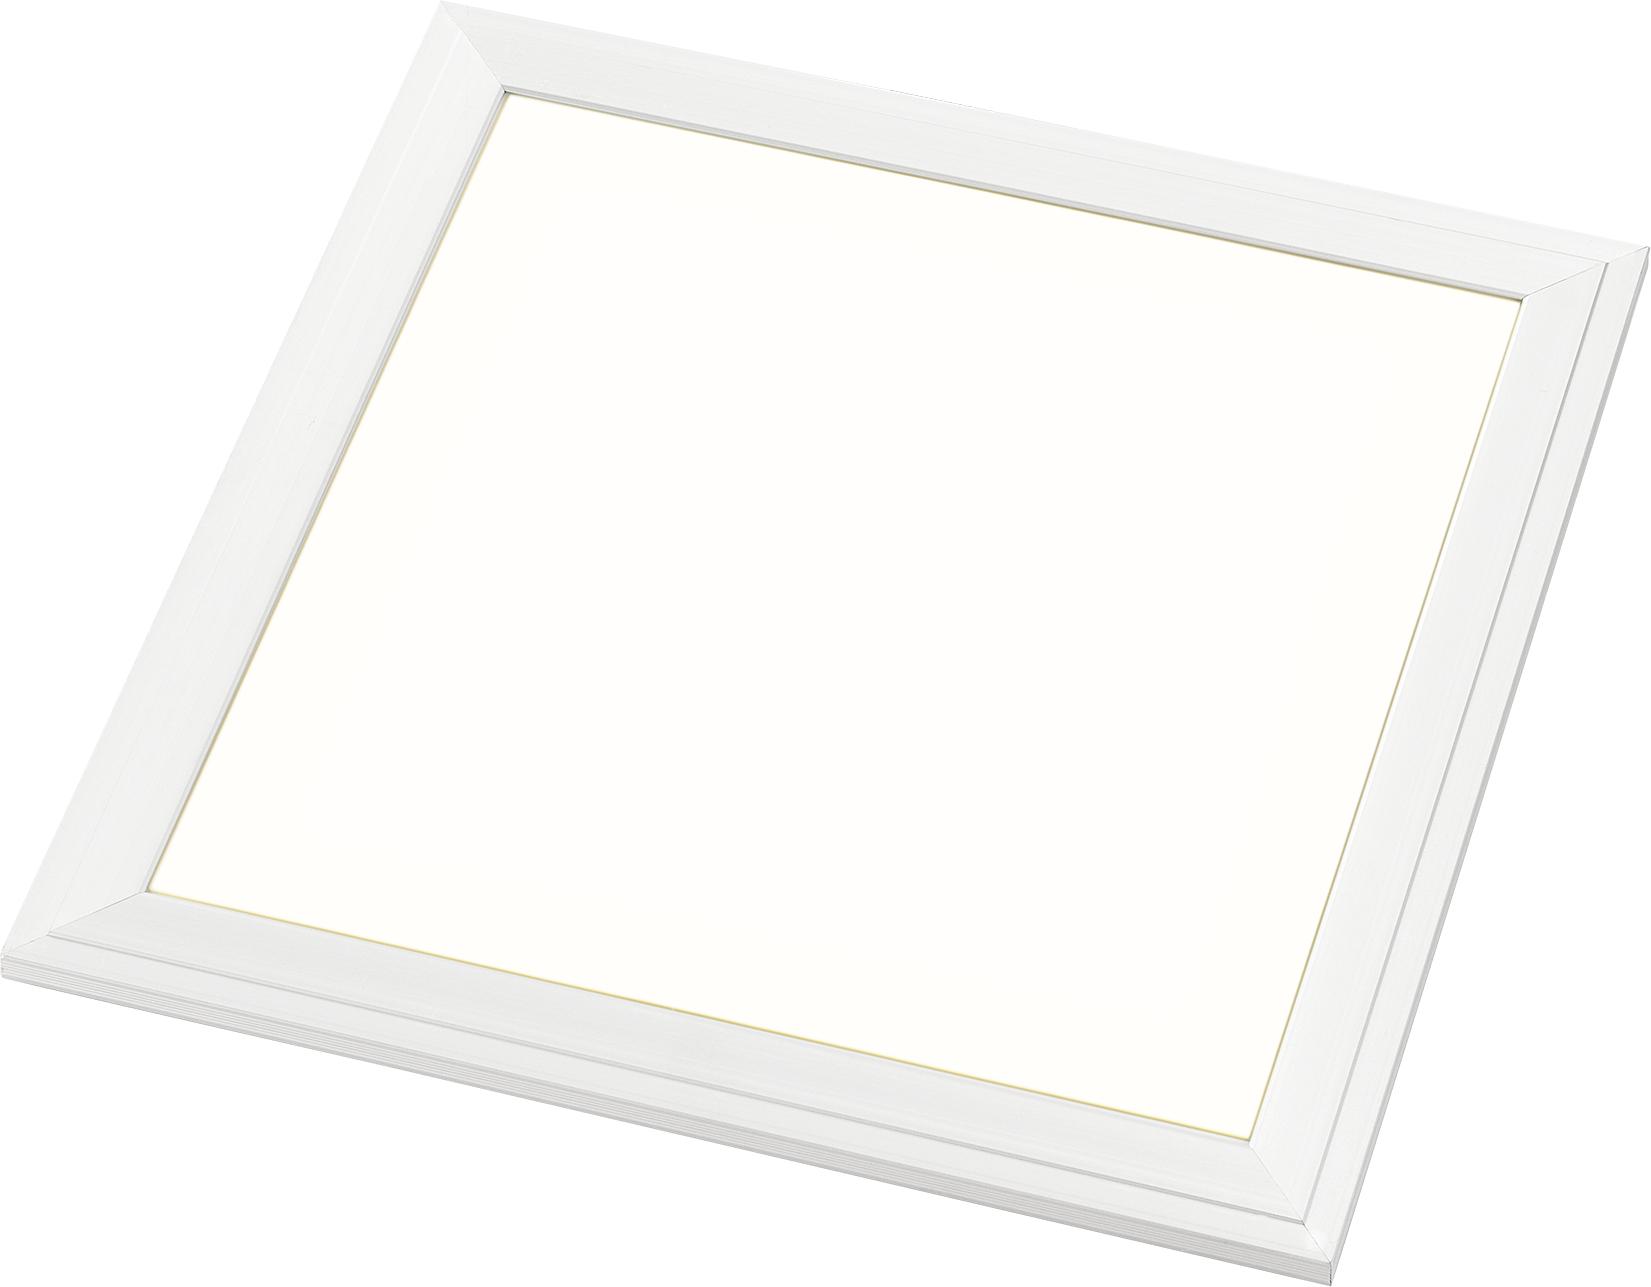 led panel 30x30cm 12w ultraslim neutralwei leuchte lampe smd ebay. Black Bedroom Furniture Sets. Home Design Ideas